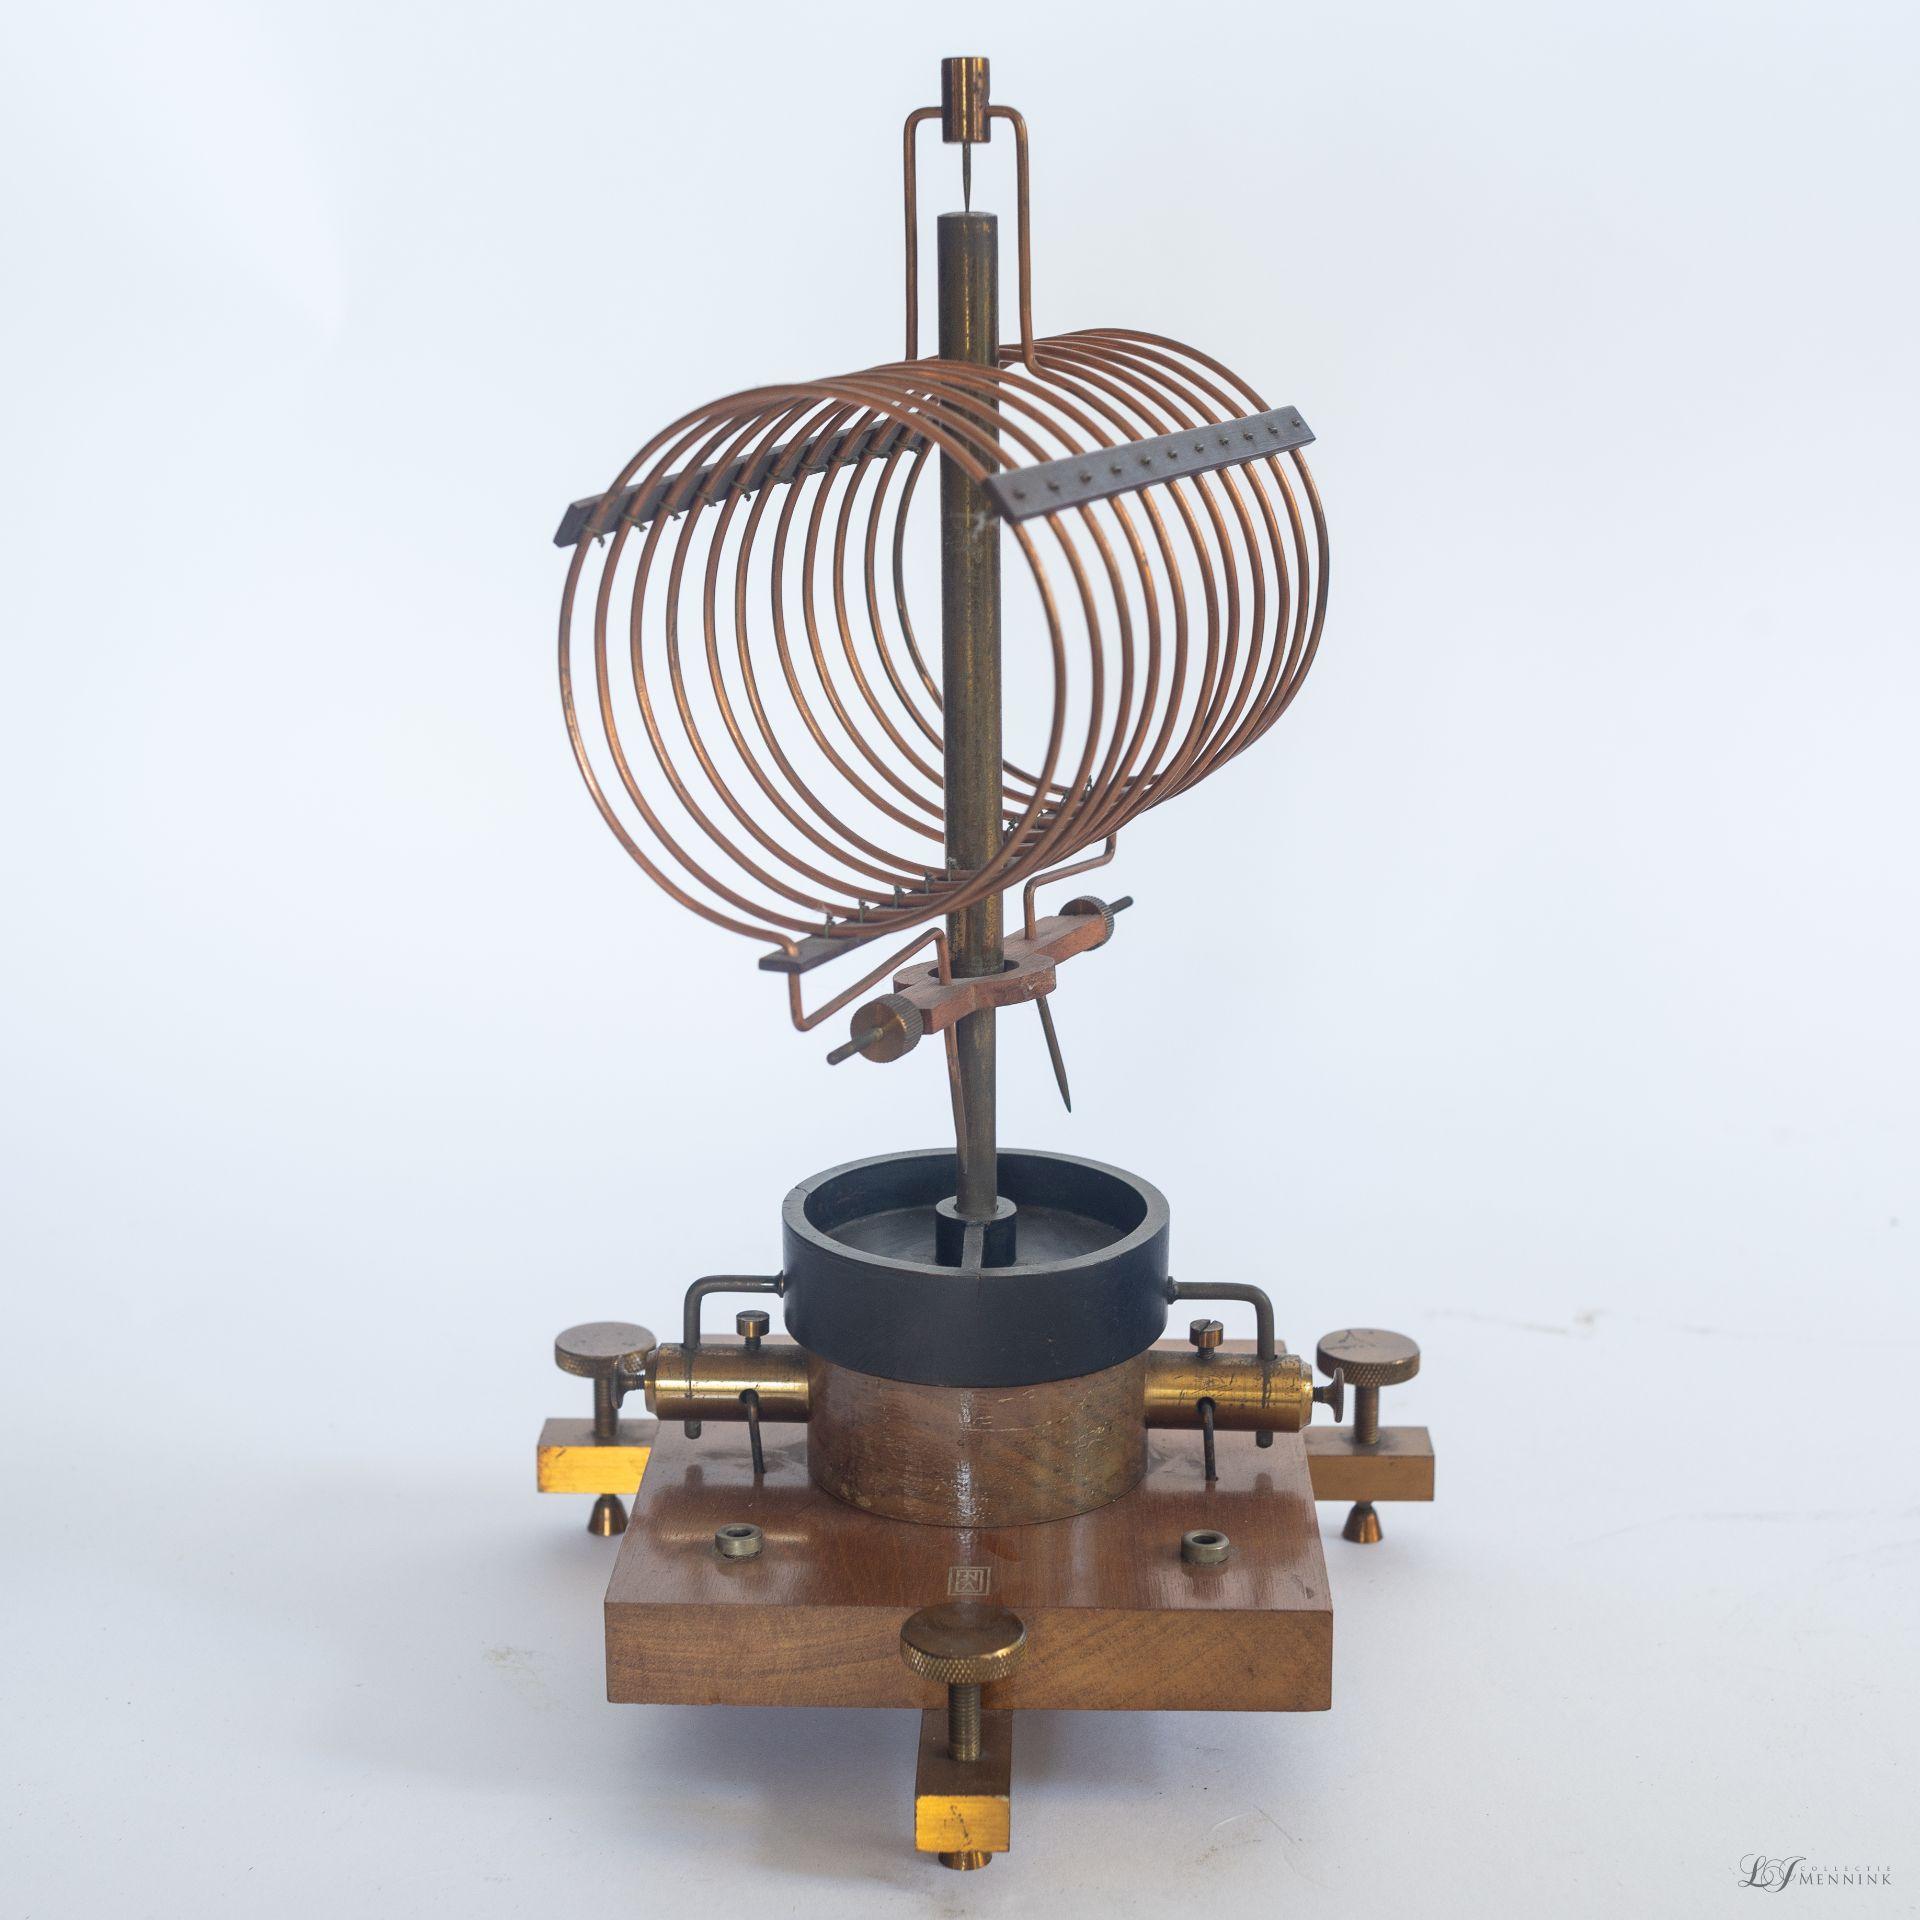 Tamson Scientific Instrument (Circa 1920)